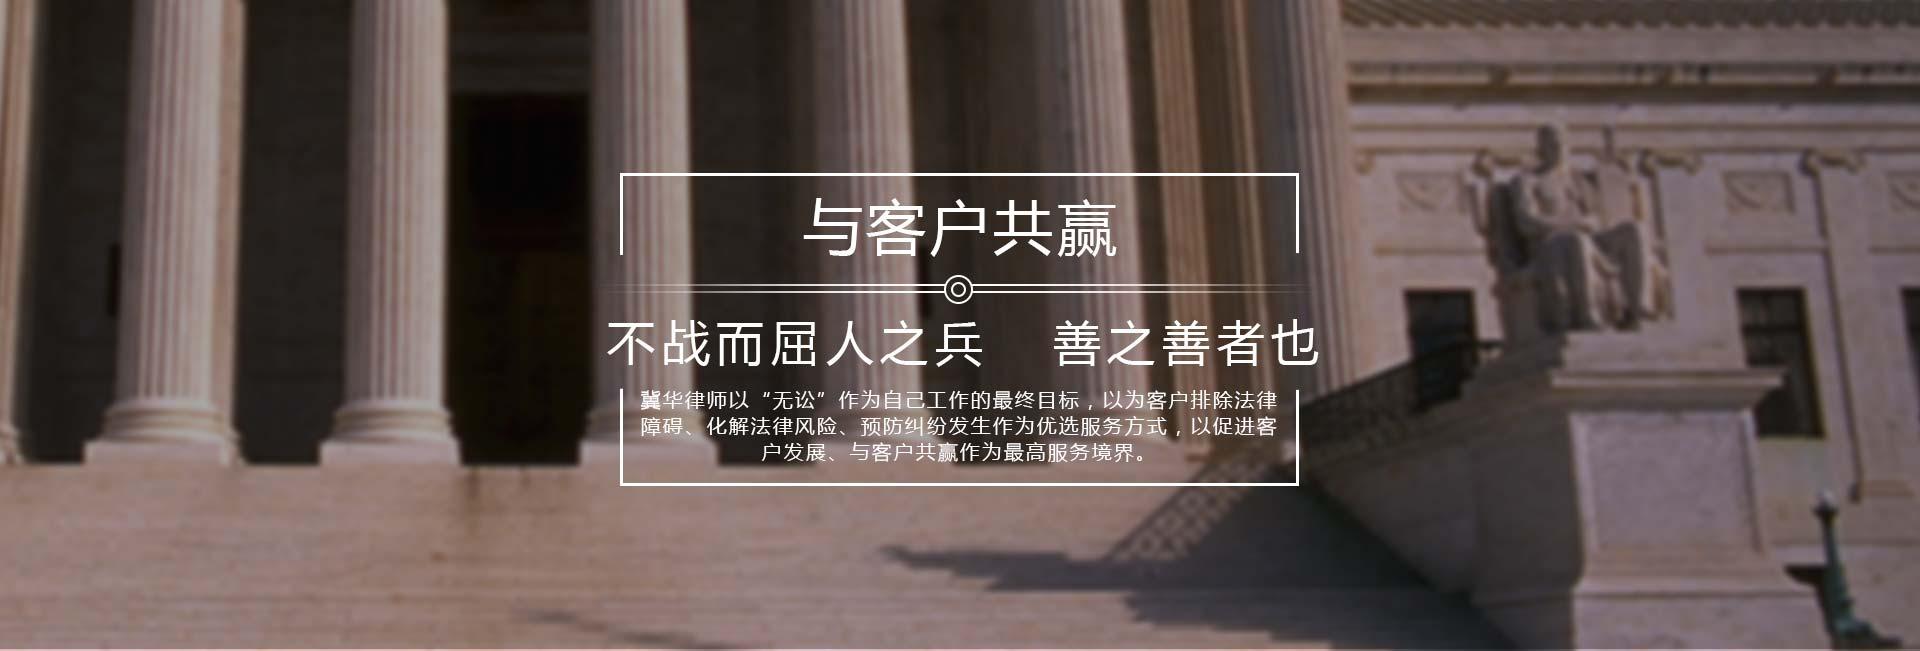 河北公司法律顾问3